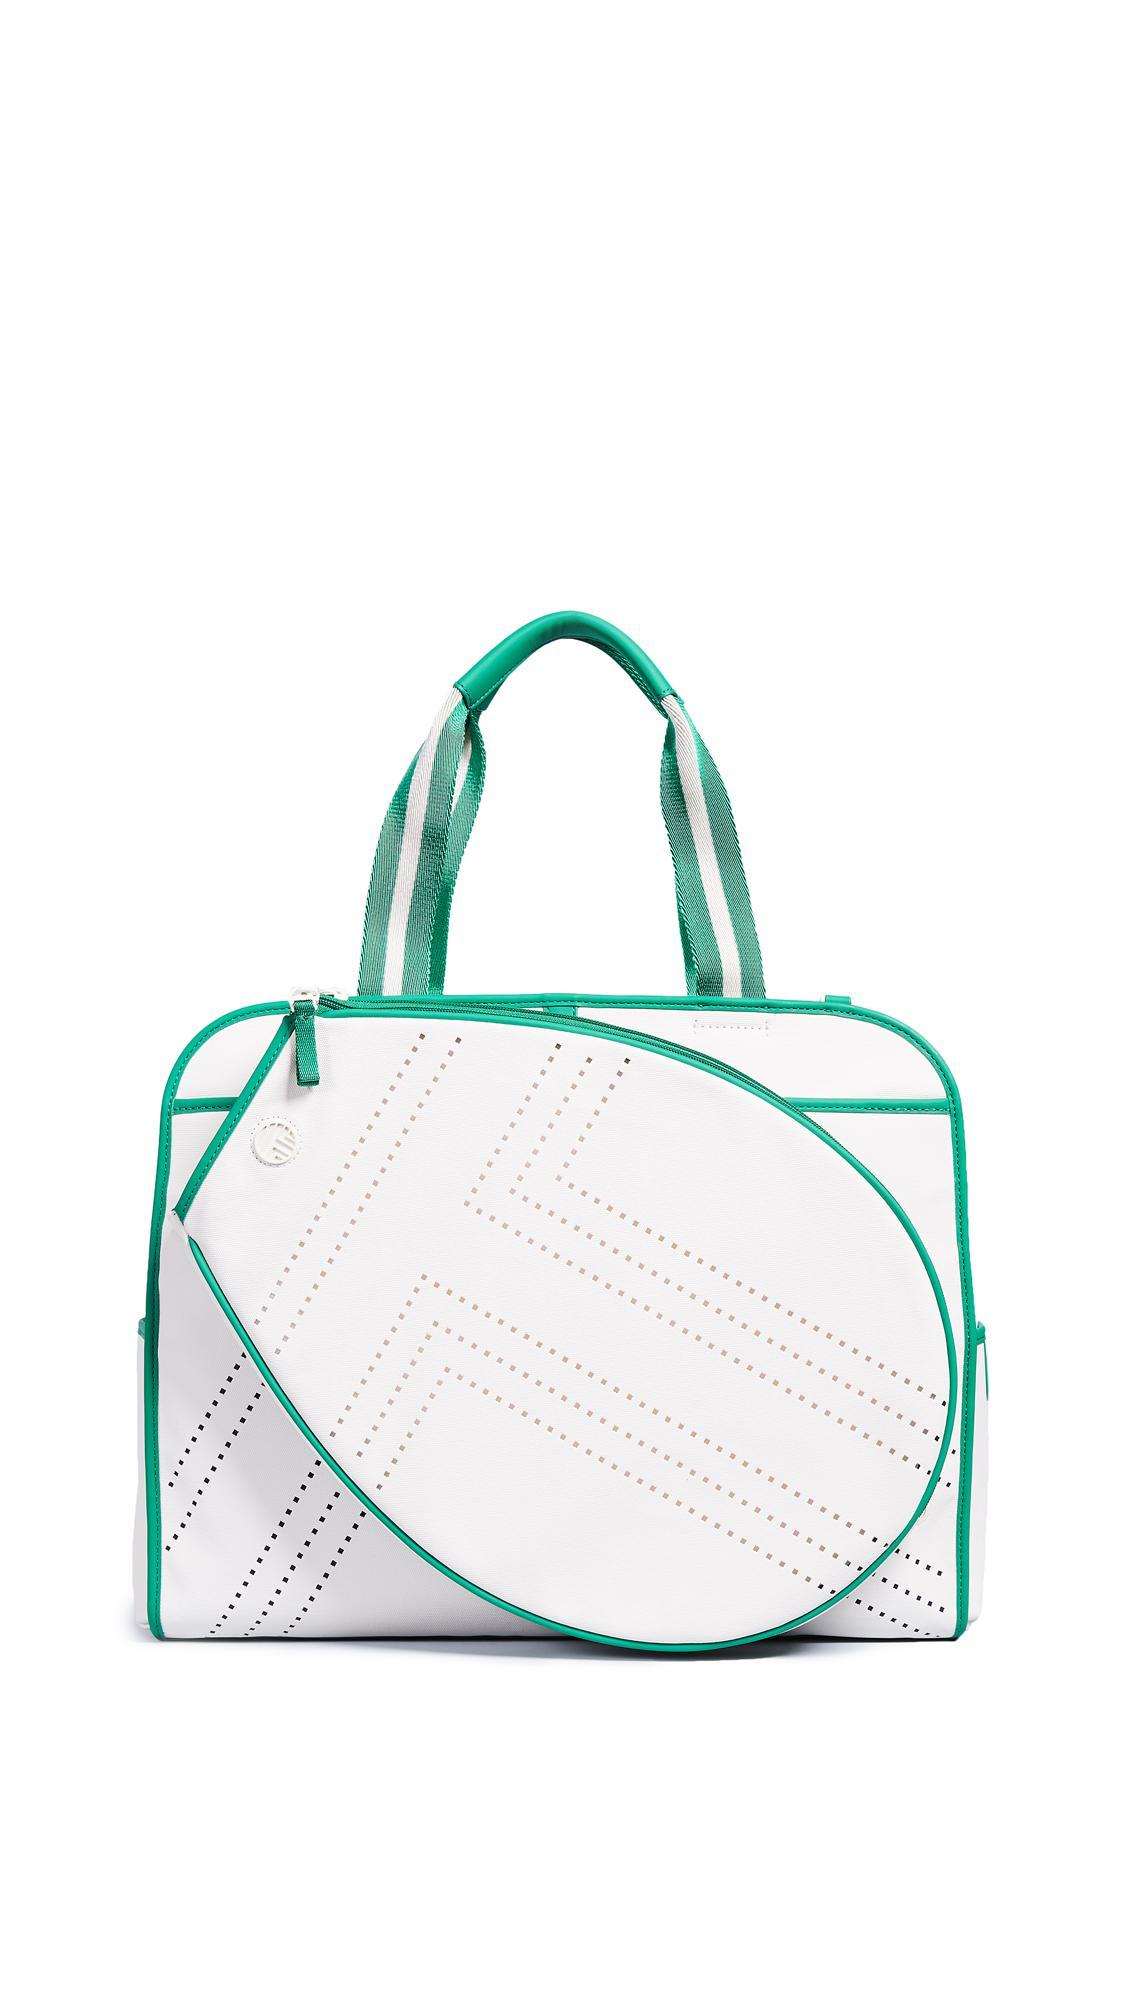 Tennis Bag Tote *New* BCG